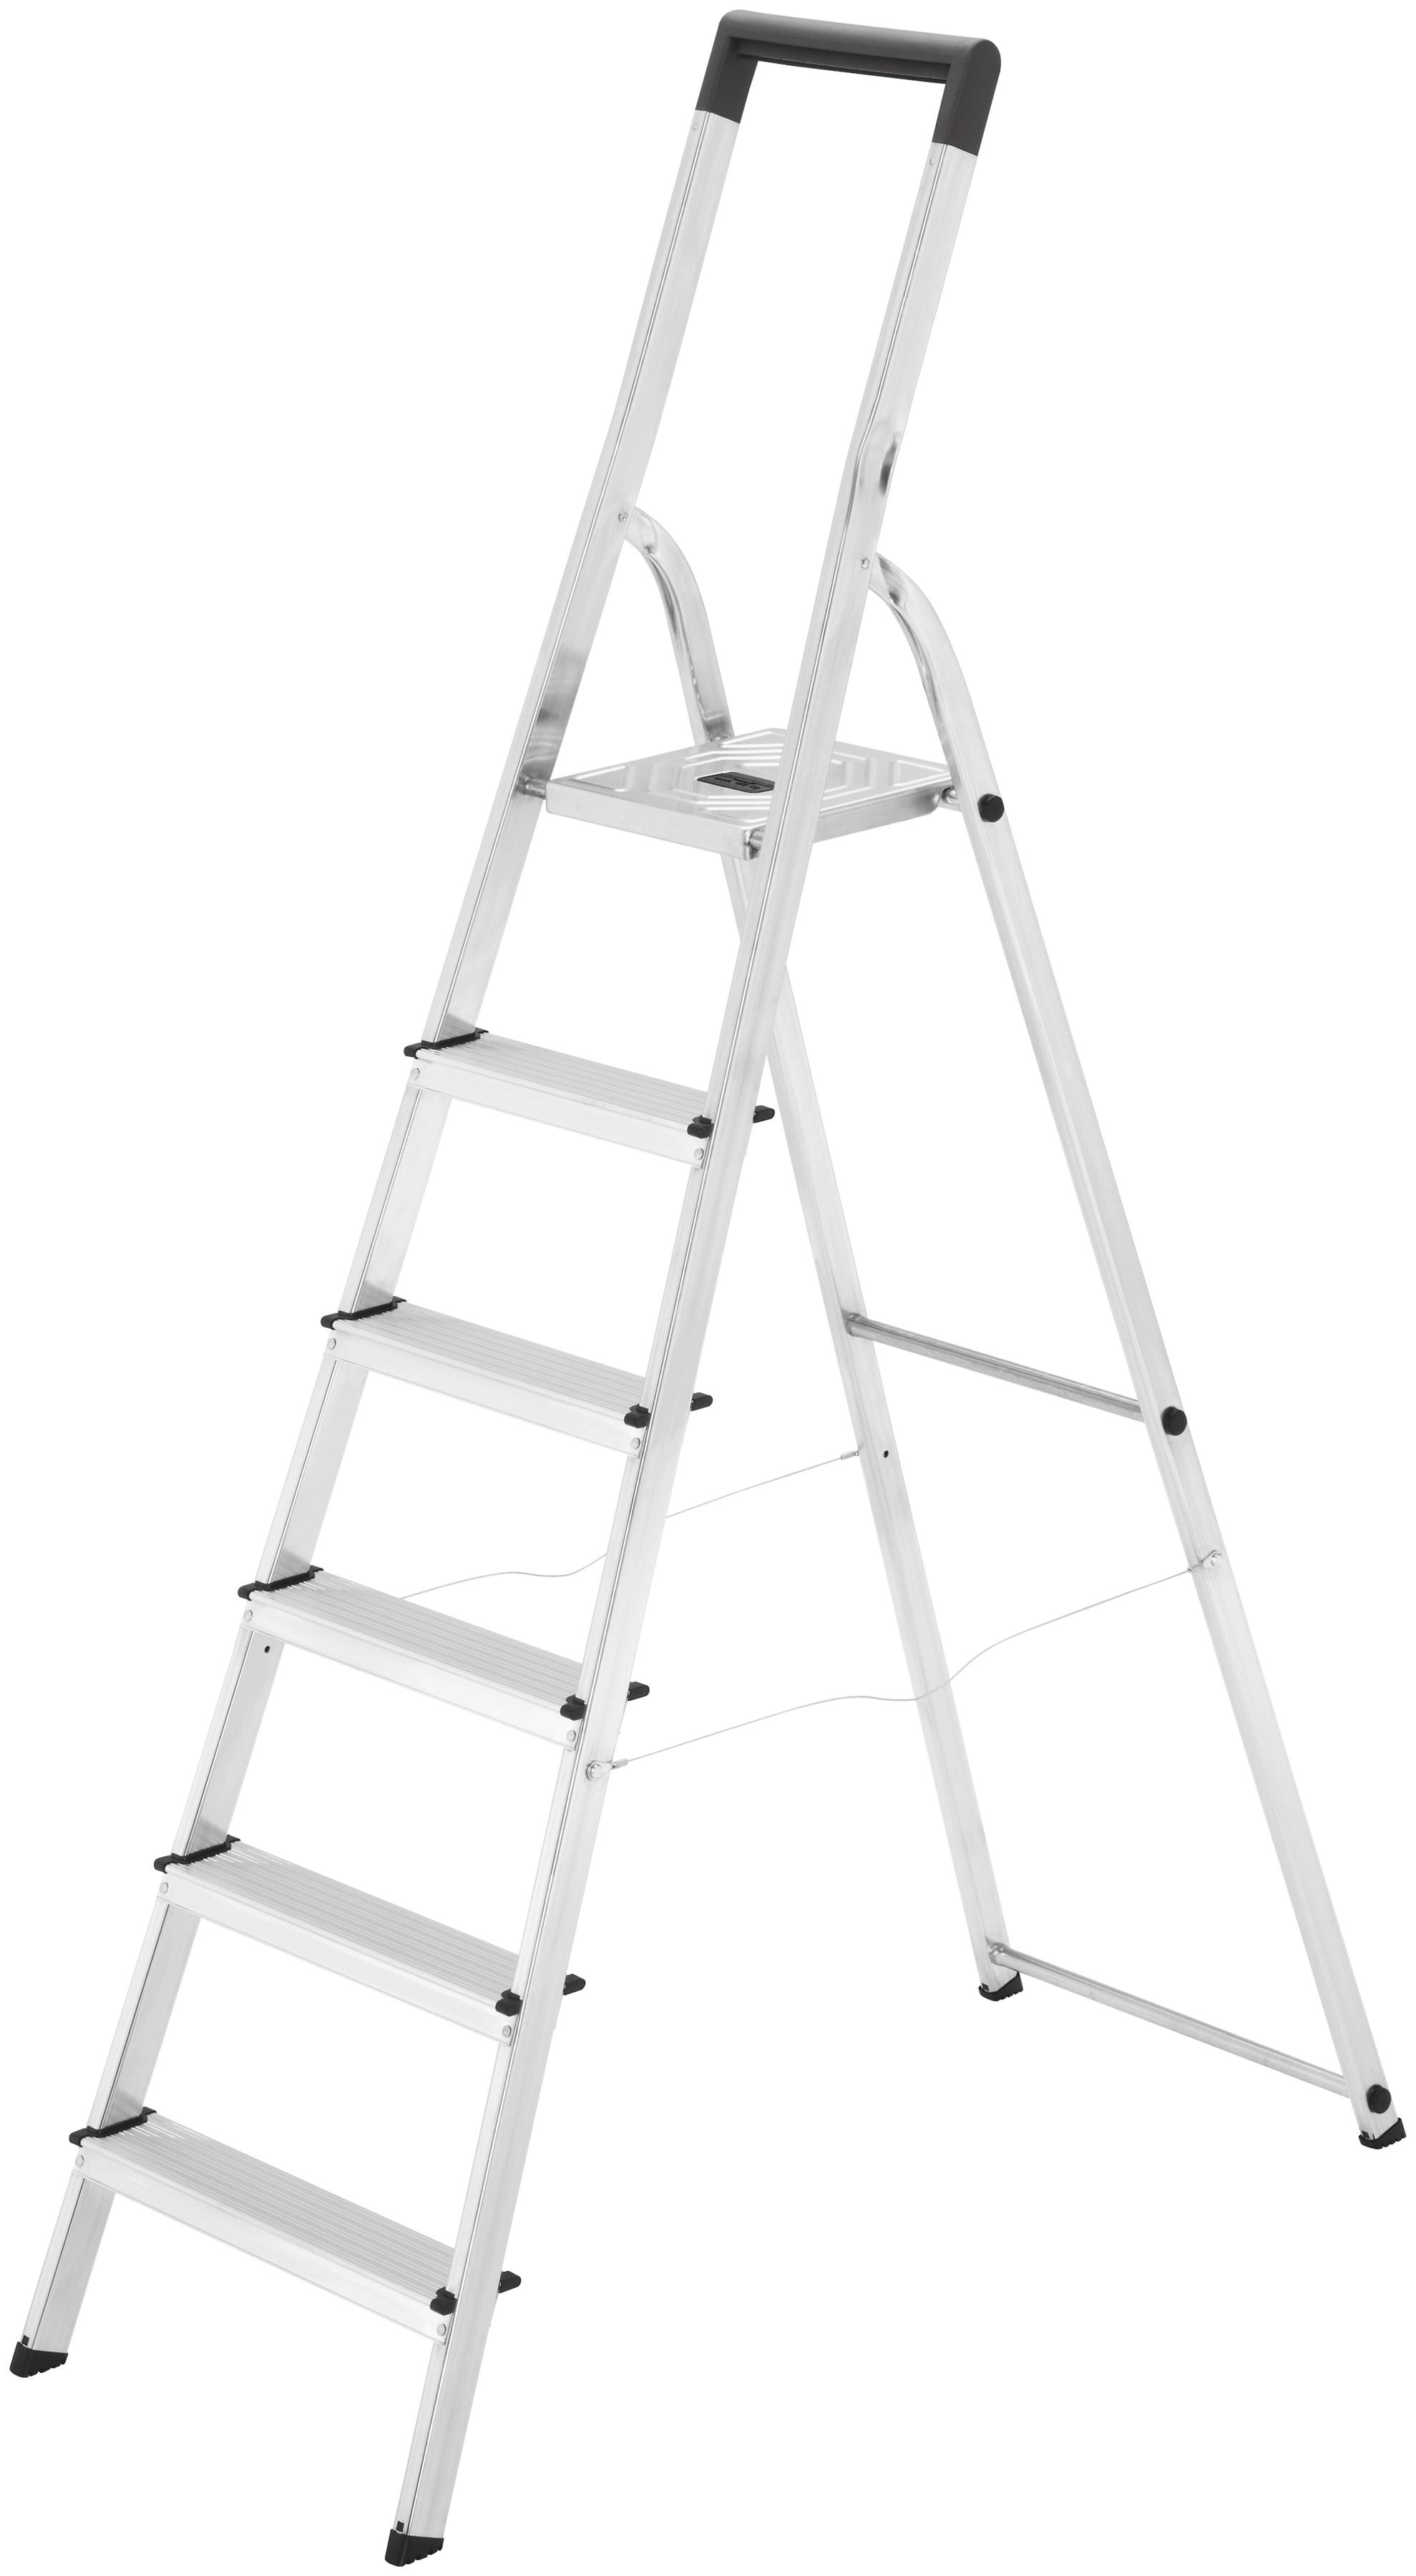 Hailo Sicherheitstrittleiter »L40 EasyClix« | Baumarkt > Leitern und Treppen > Trittleiter | Silberfarben | HAILO